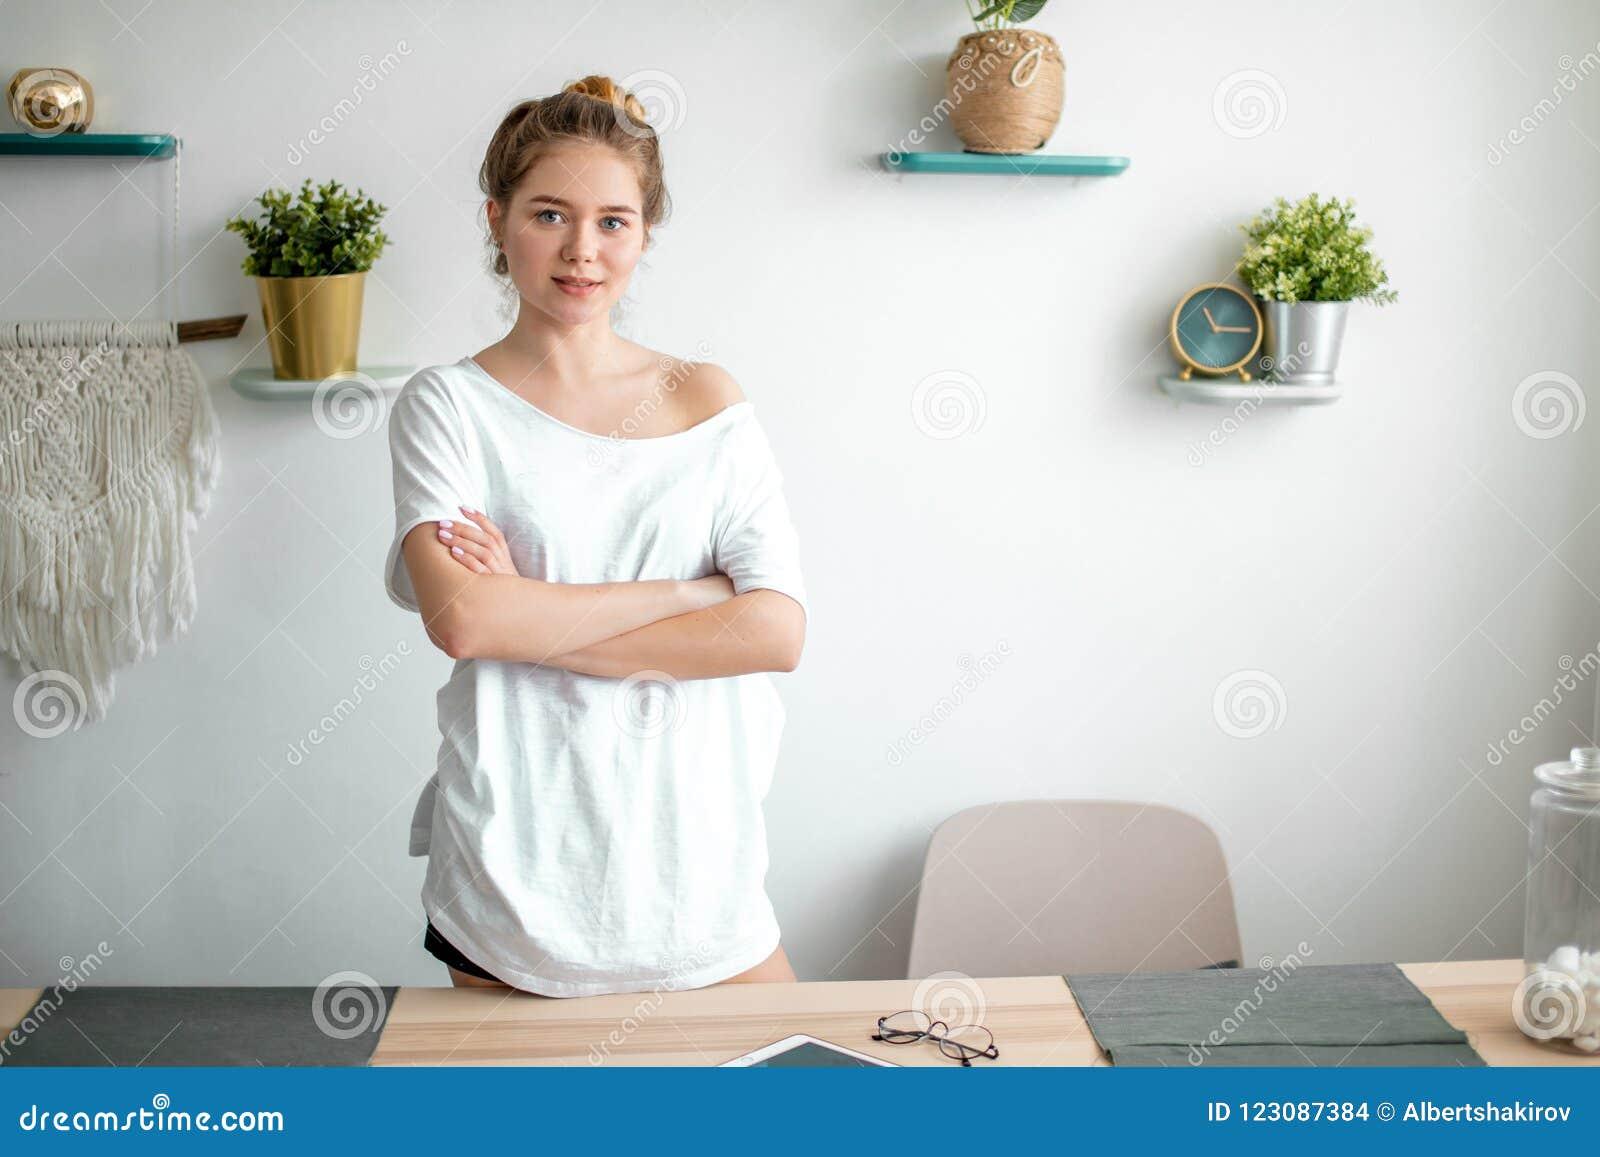 Portret van een jonge mooie vrouw in toevallige uitrusting die zich met gekruiste wapens bevinden